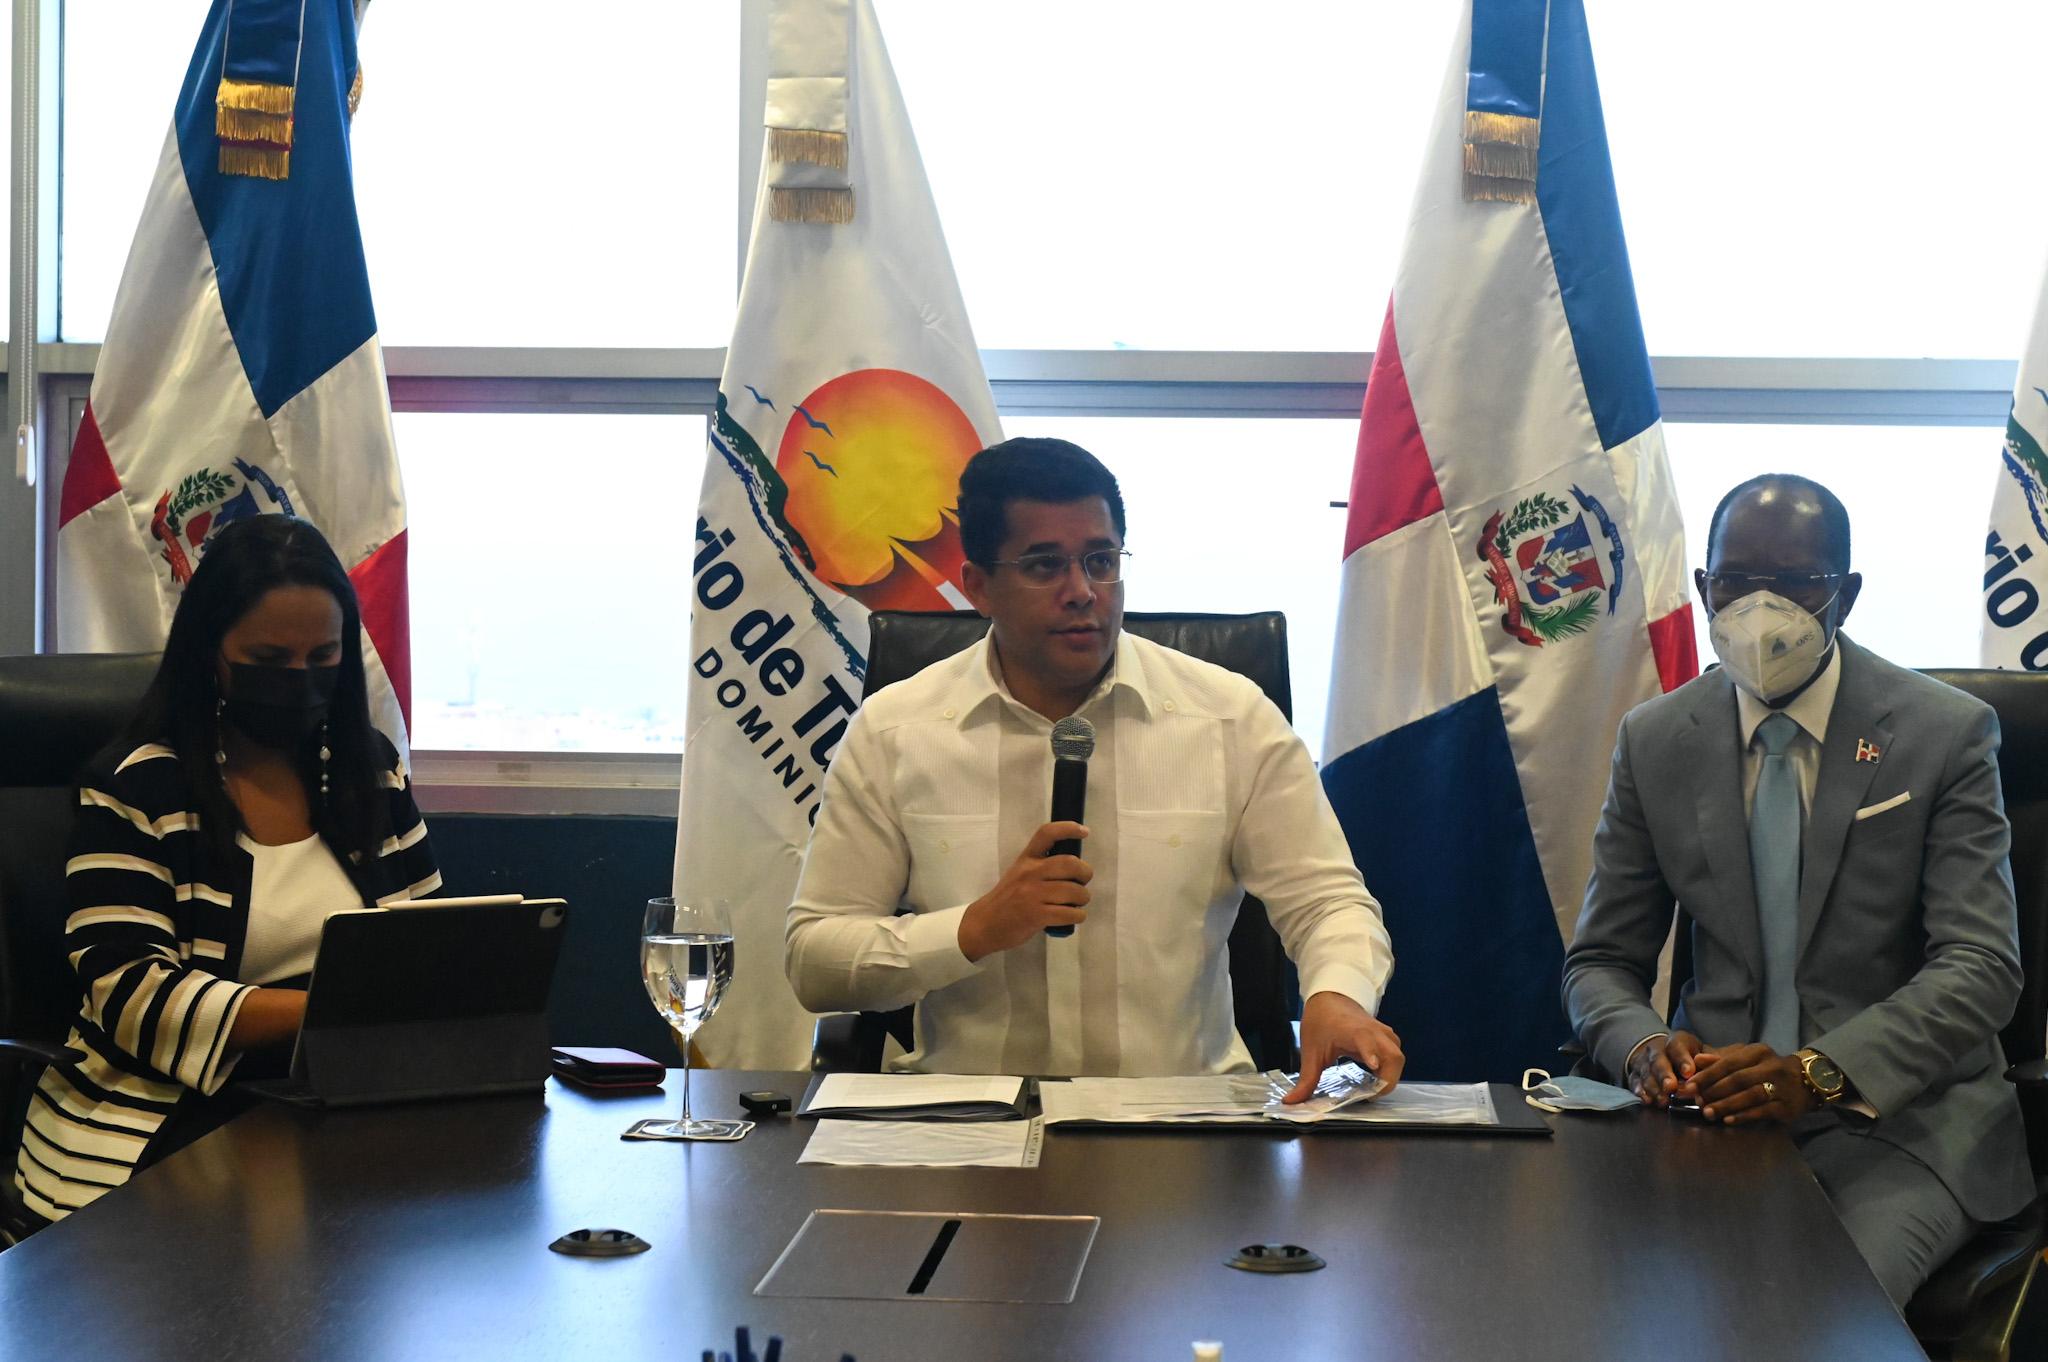 República Dominicana será sede de Reunión de Turismo de las Américas a celebrarse este viernes en Punta Cana